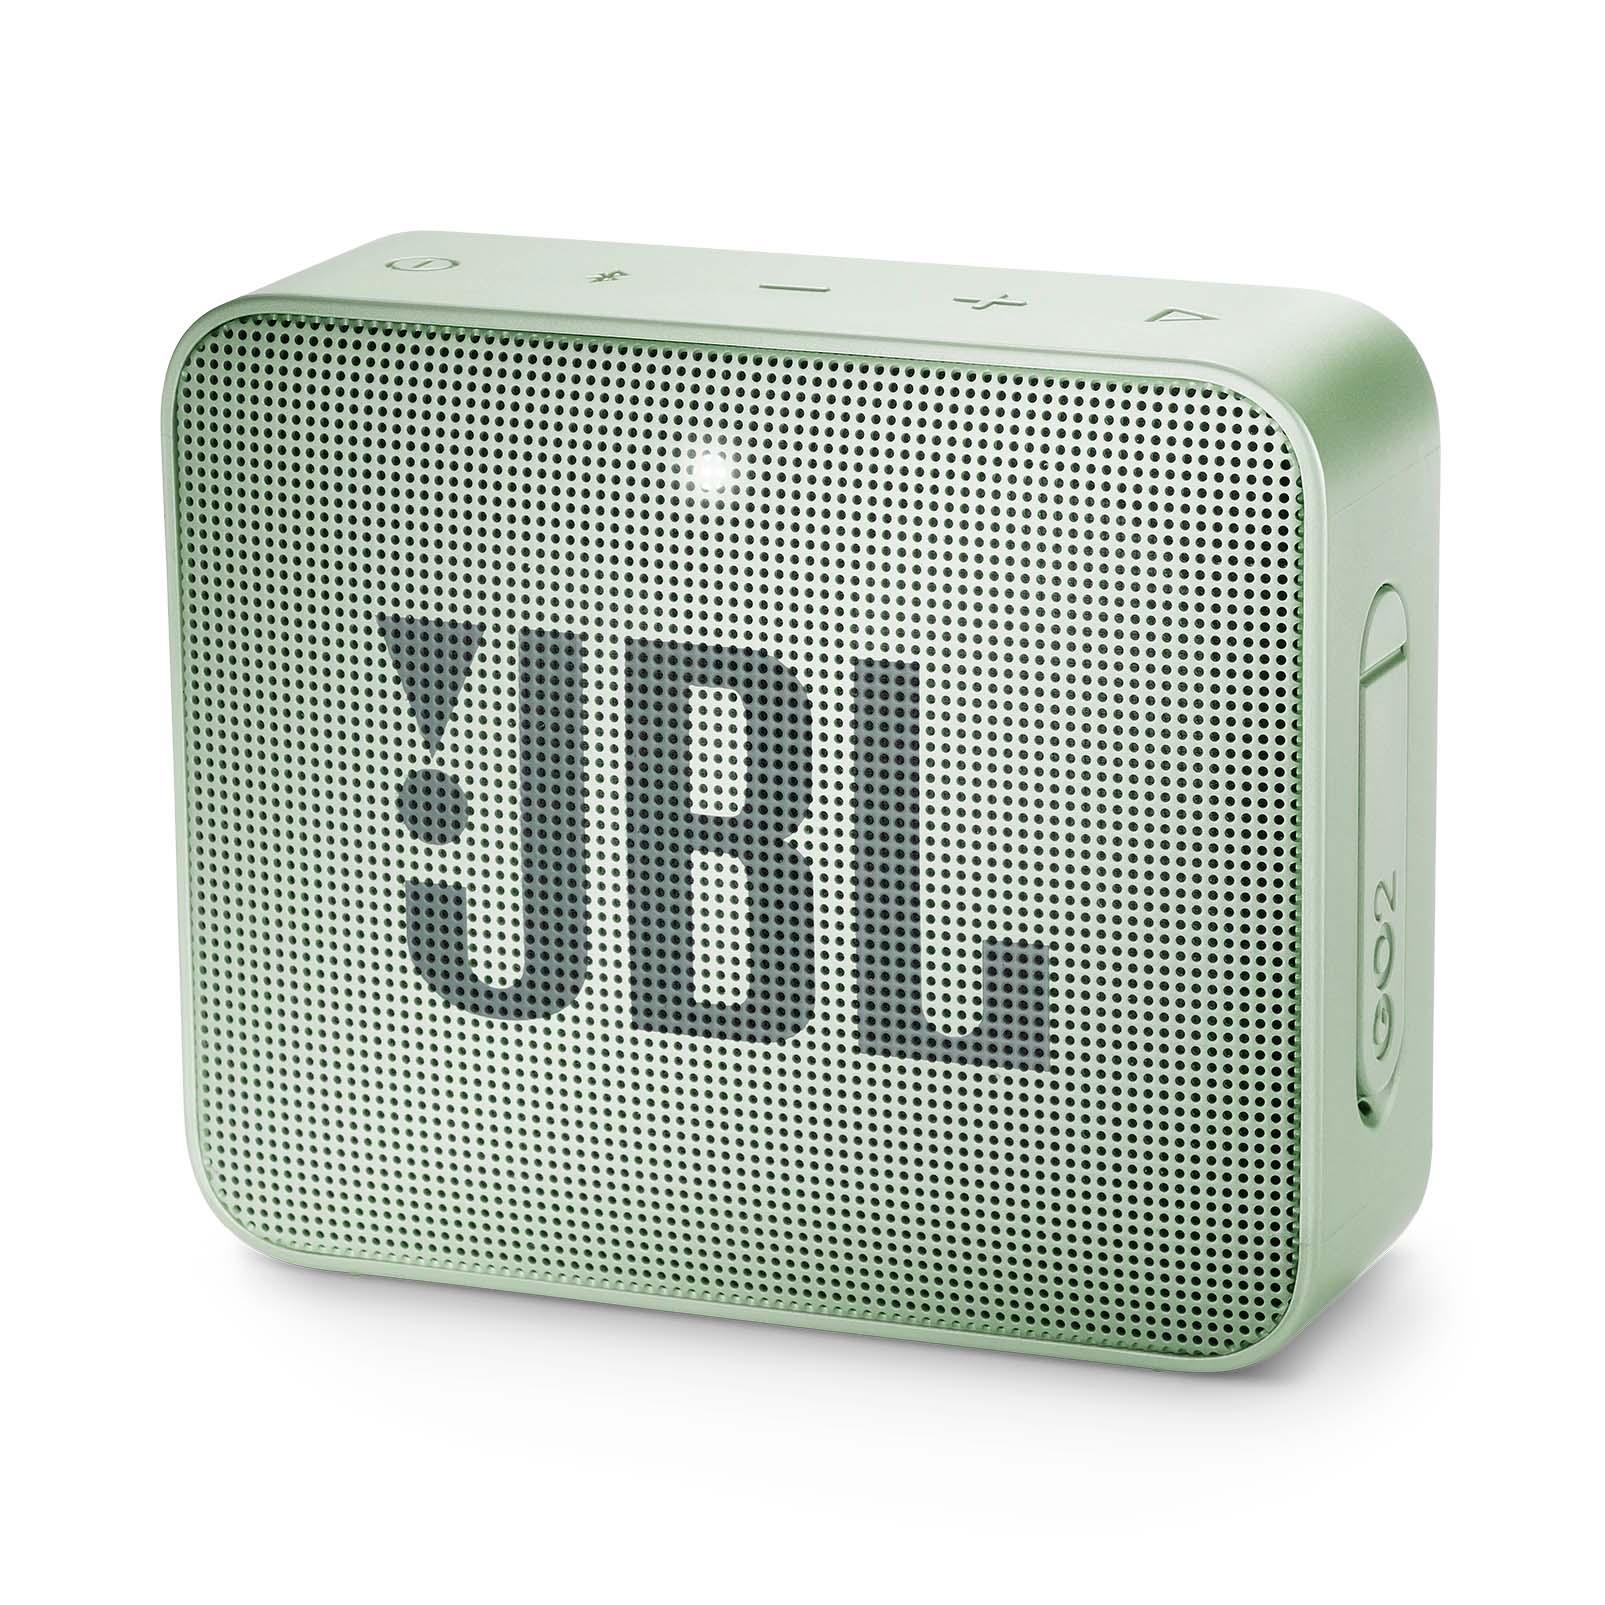 Caixa de Som Portátil Bluetooth JBL GO 2 - Verde